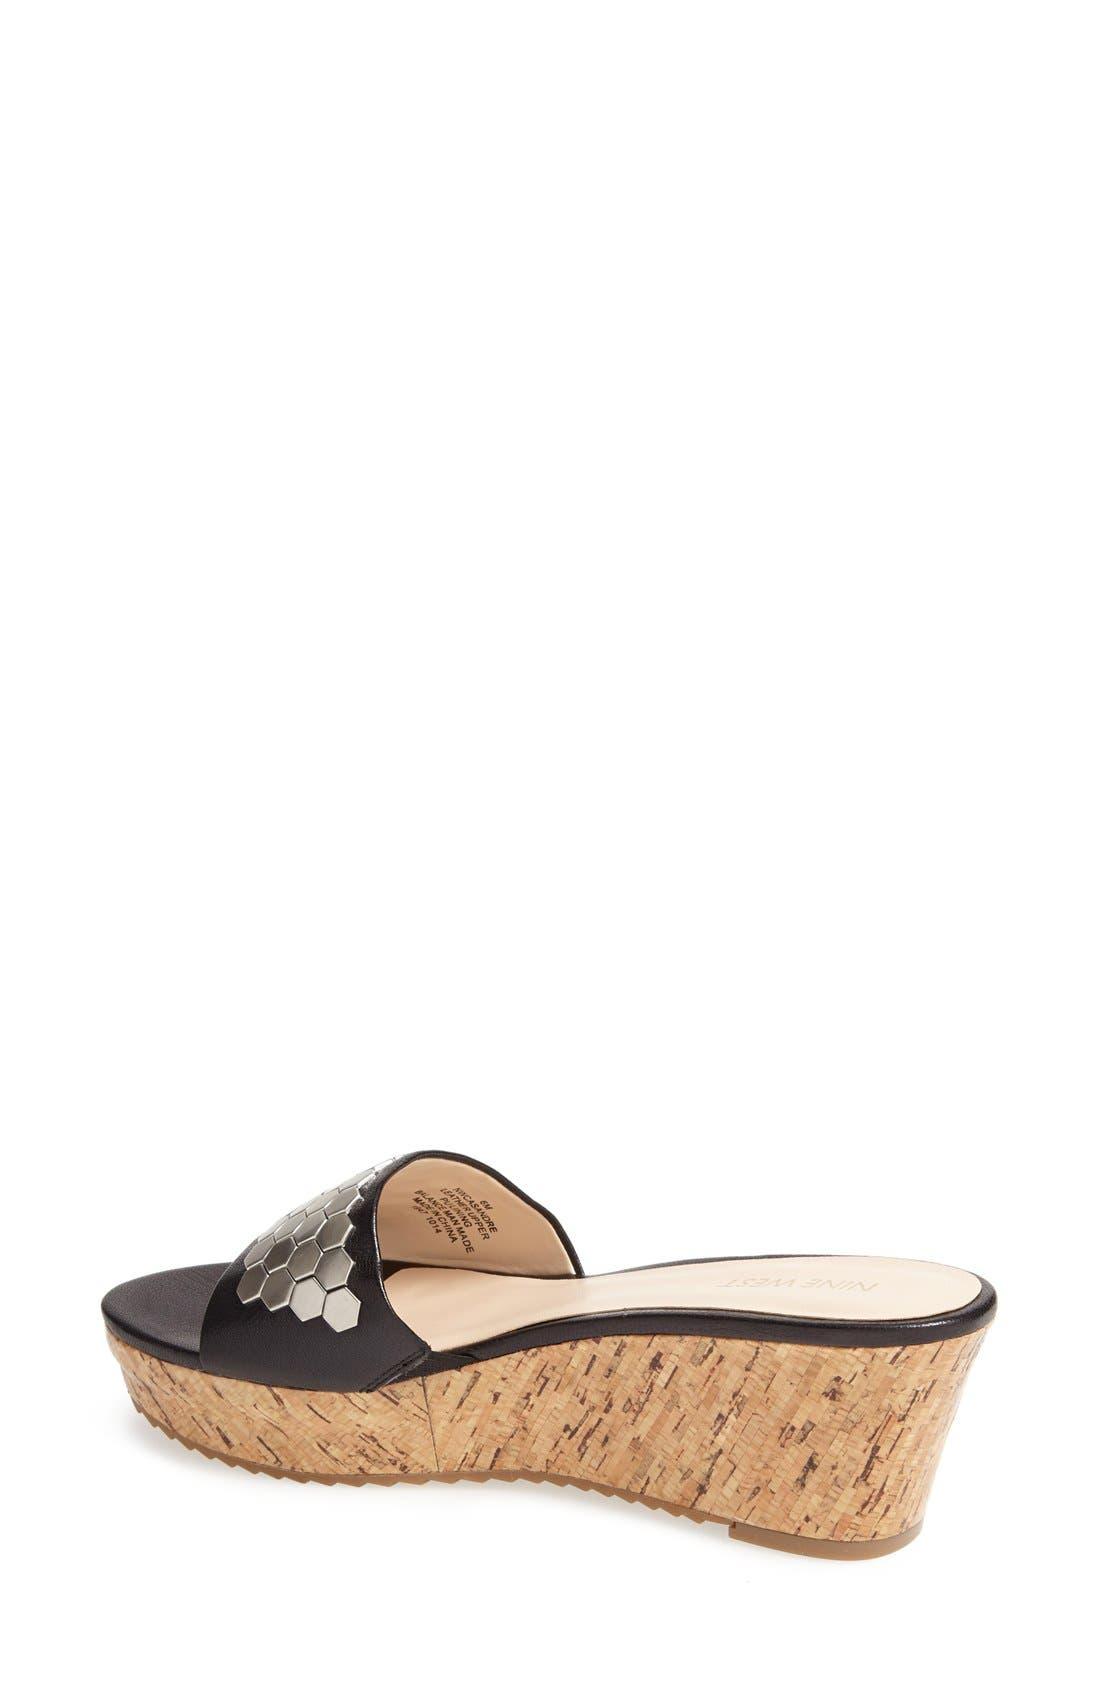 Alternate Image 2  - Nine West 'Casandre' Slide Sandal (Women)